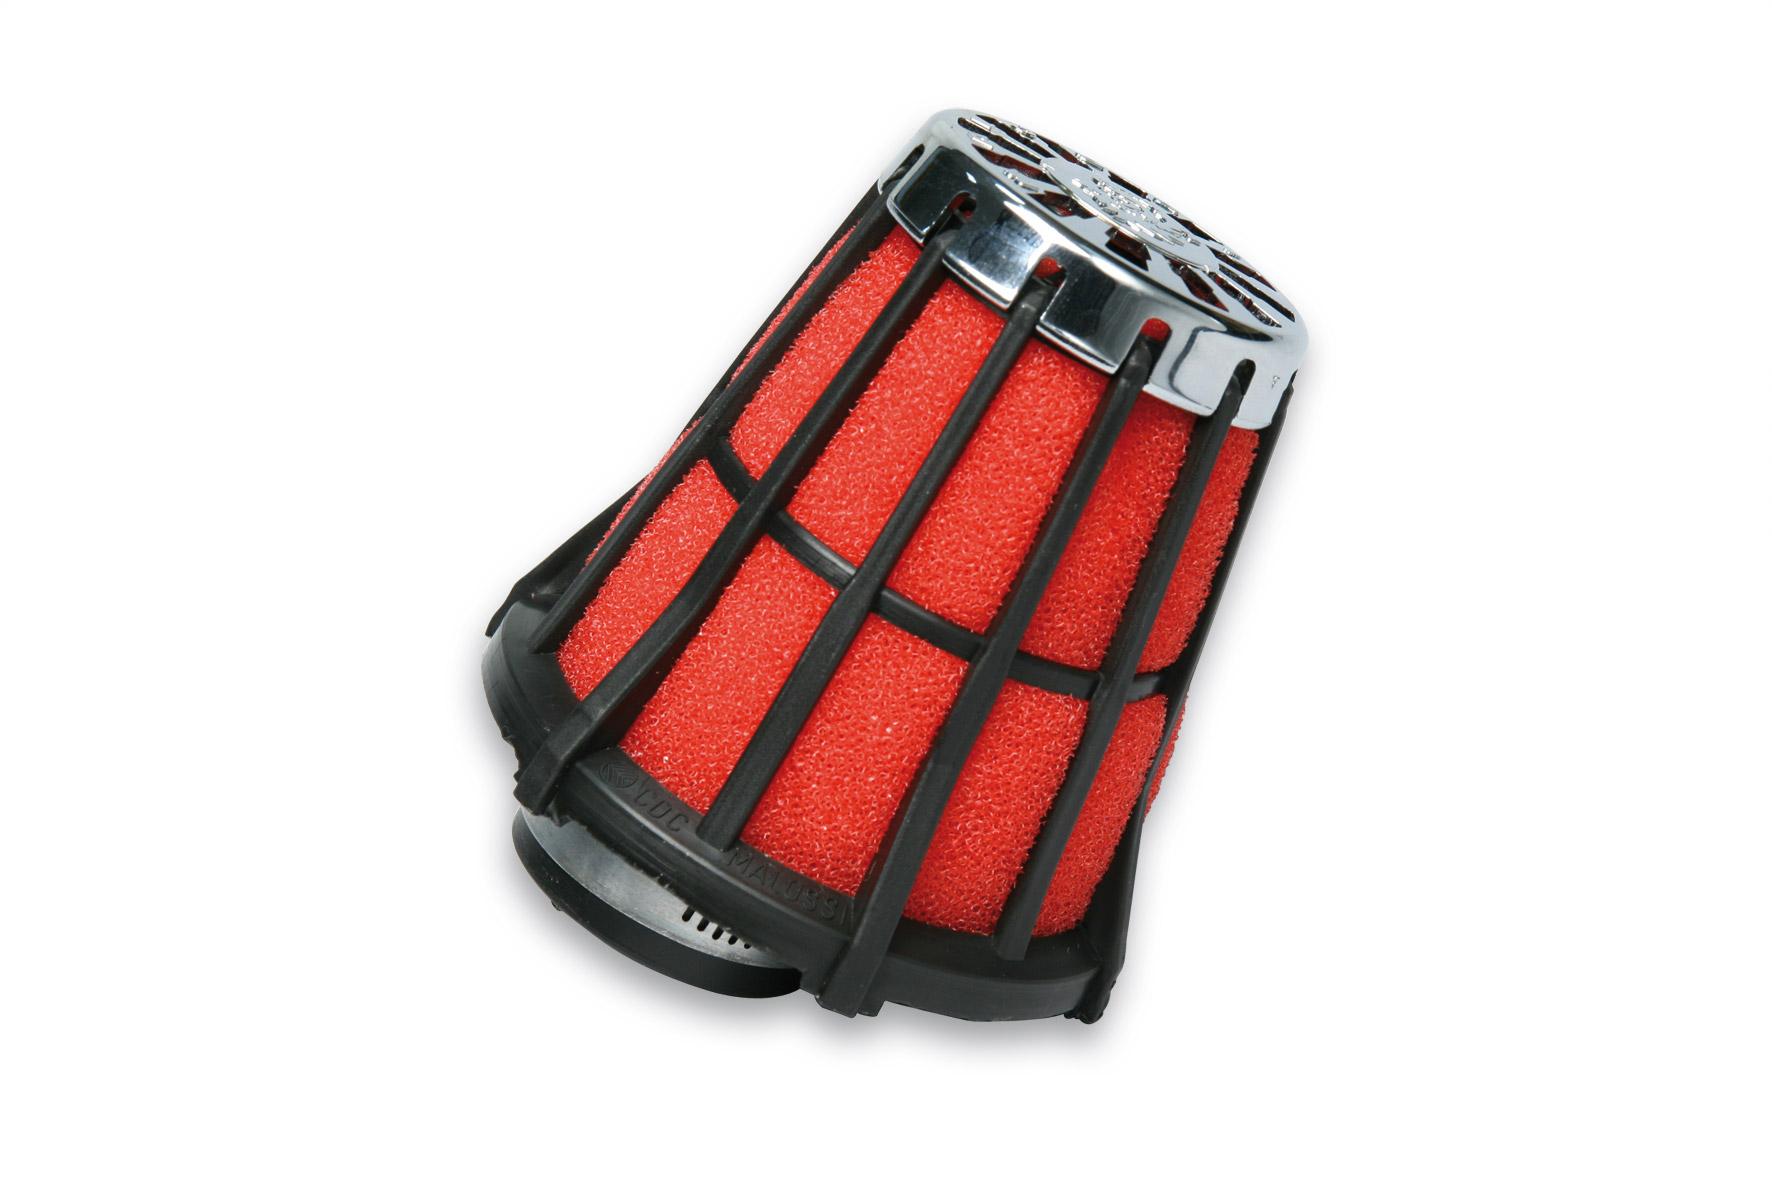 RED FILTER E5 Ø 43 PHBL 25 BLACK - Dettaglio Prodotto